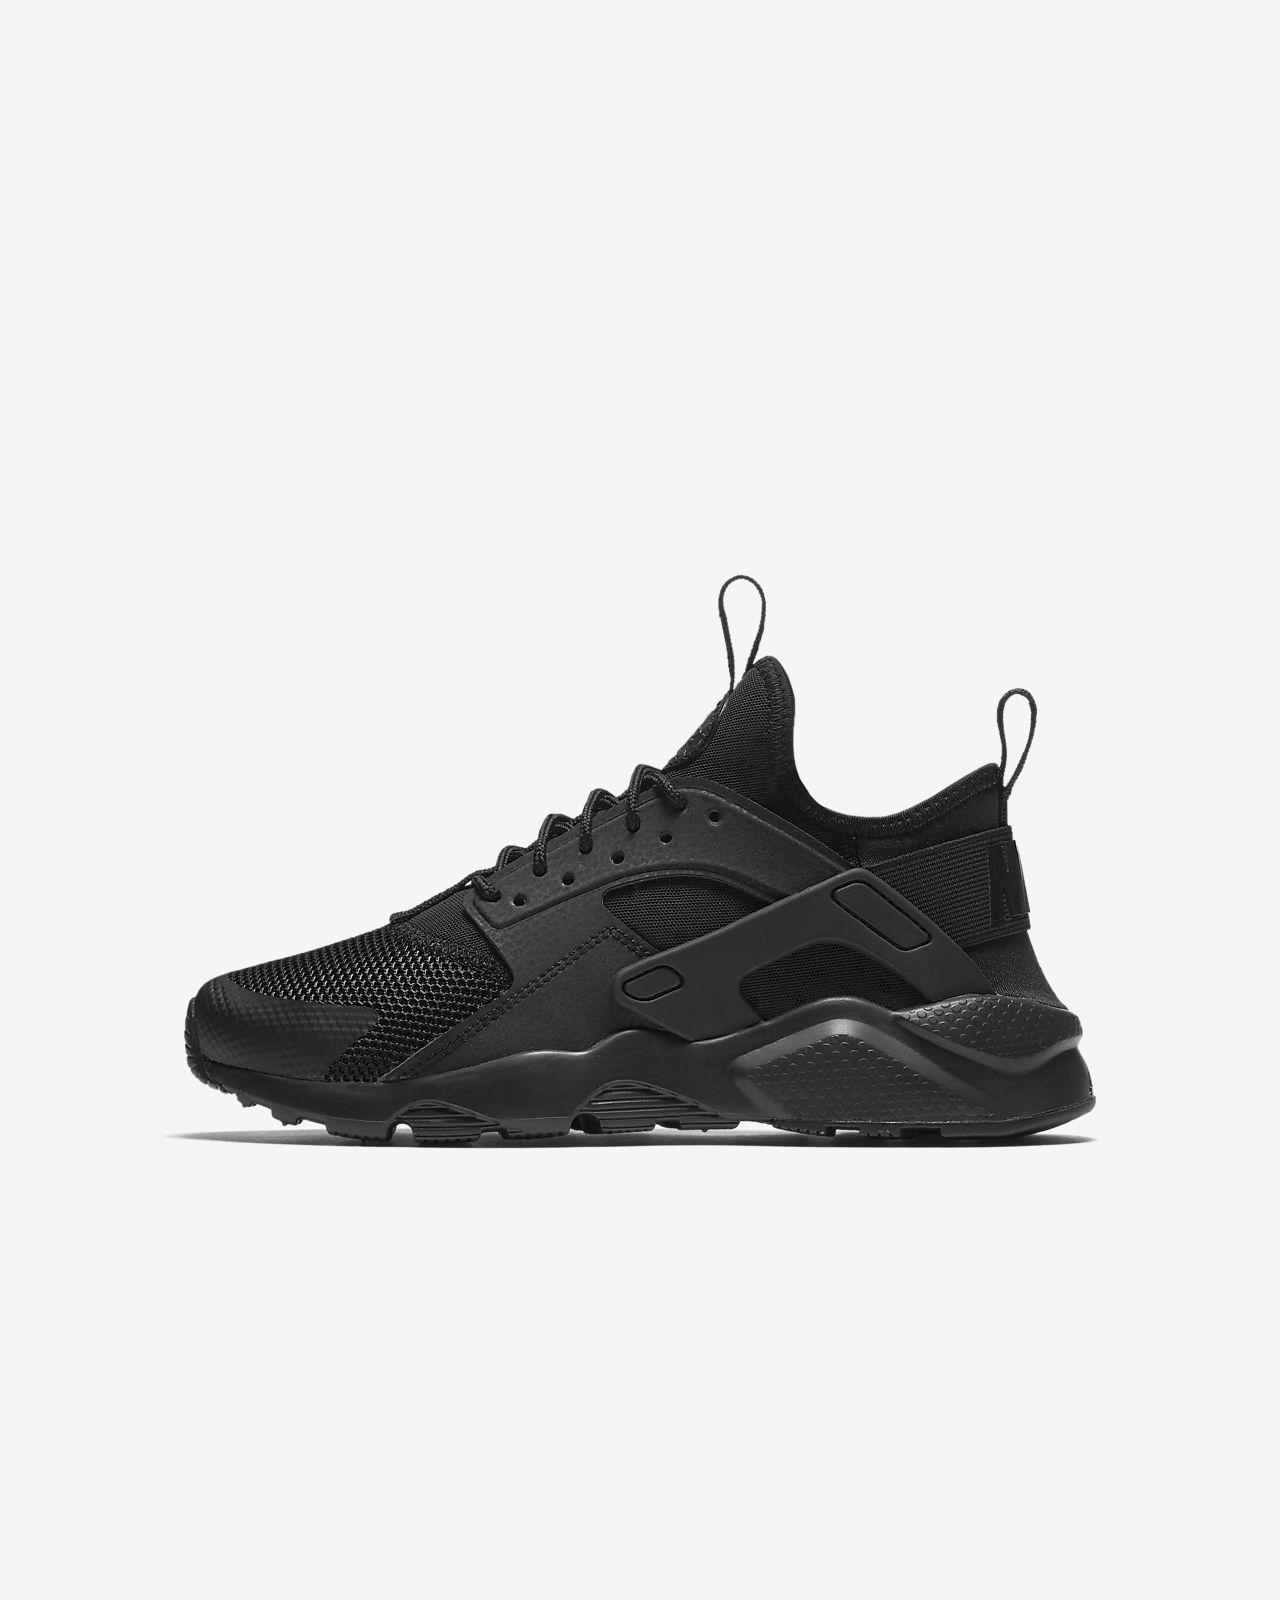 cf7720d5a2b57 Chaussure Nike Air Huarache Ultra pour Enfant plus âgé